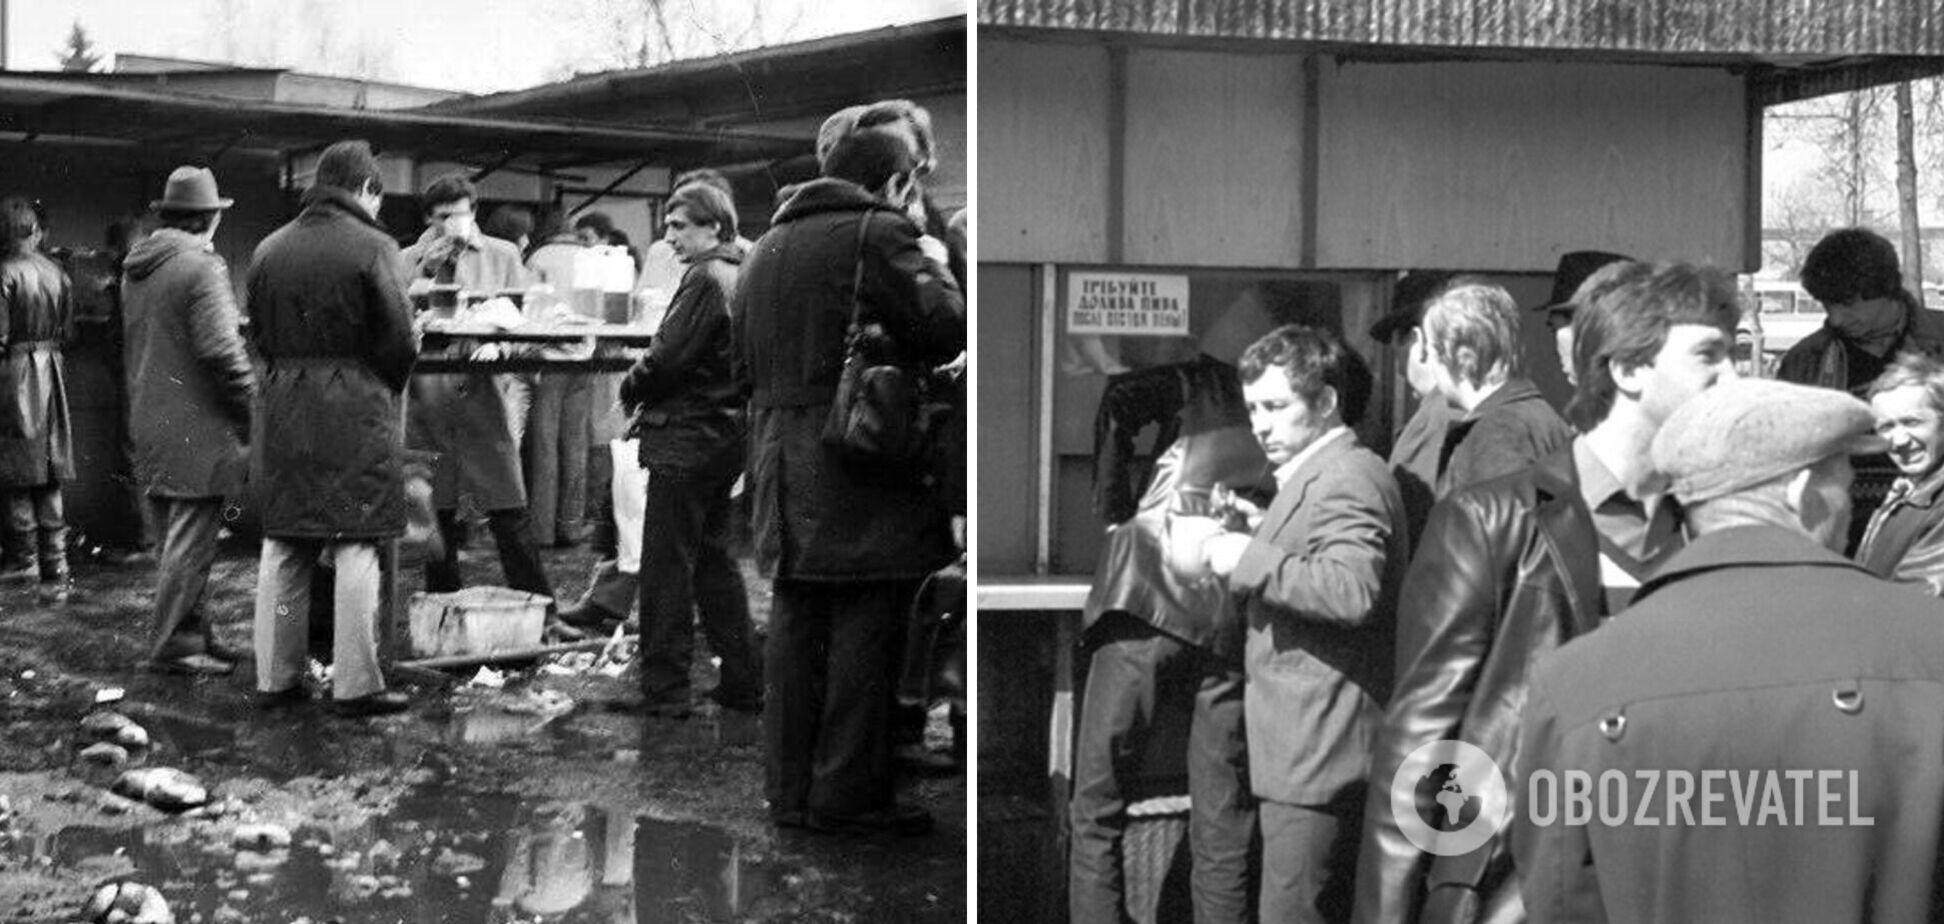 Пивная 'Семь дорог' в 1980-х годах работала в Петровском парке Москвы у метро 'Динамо'